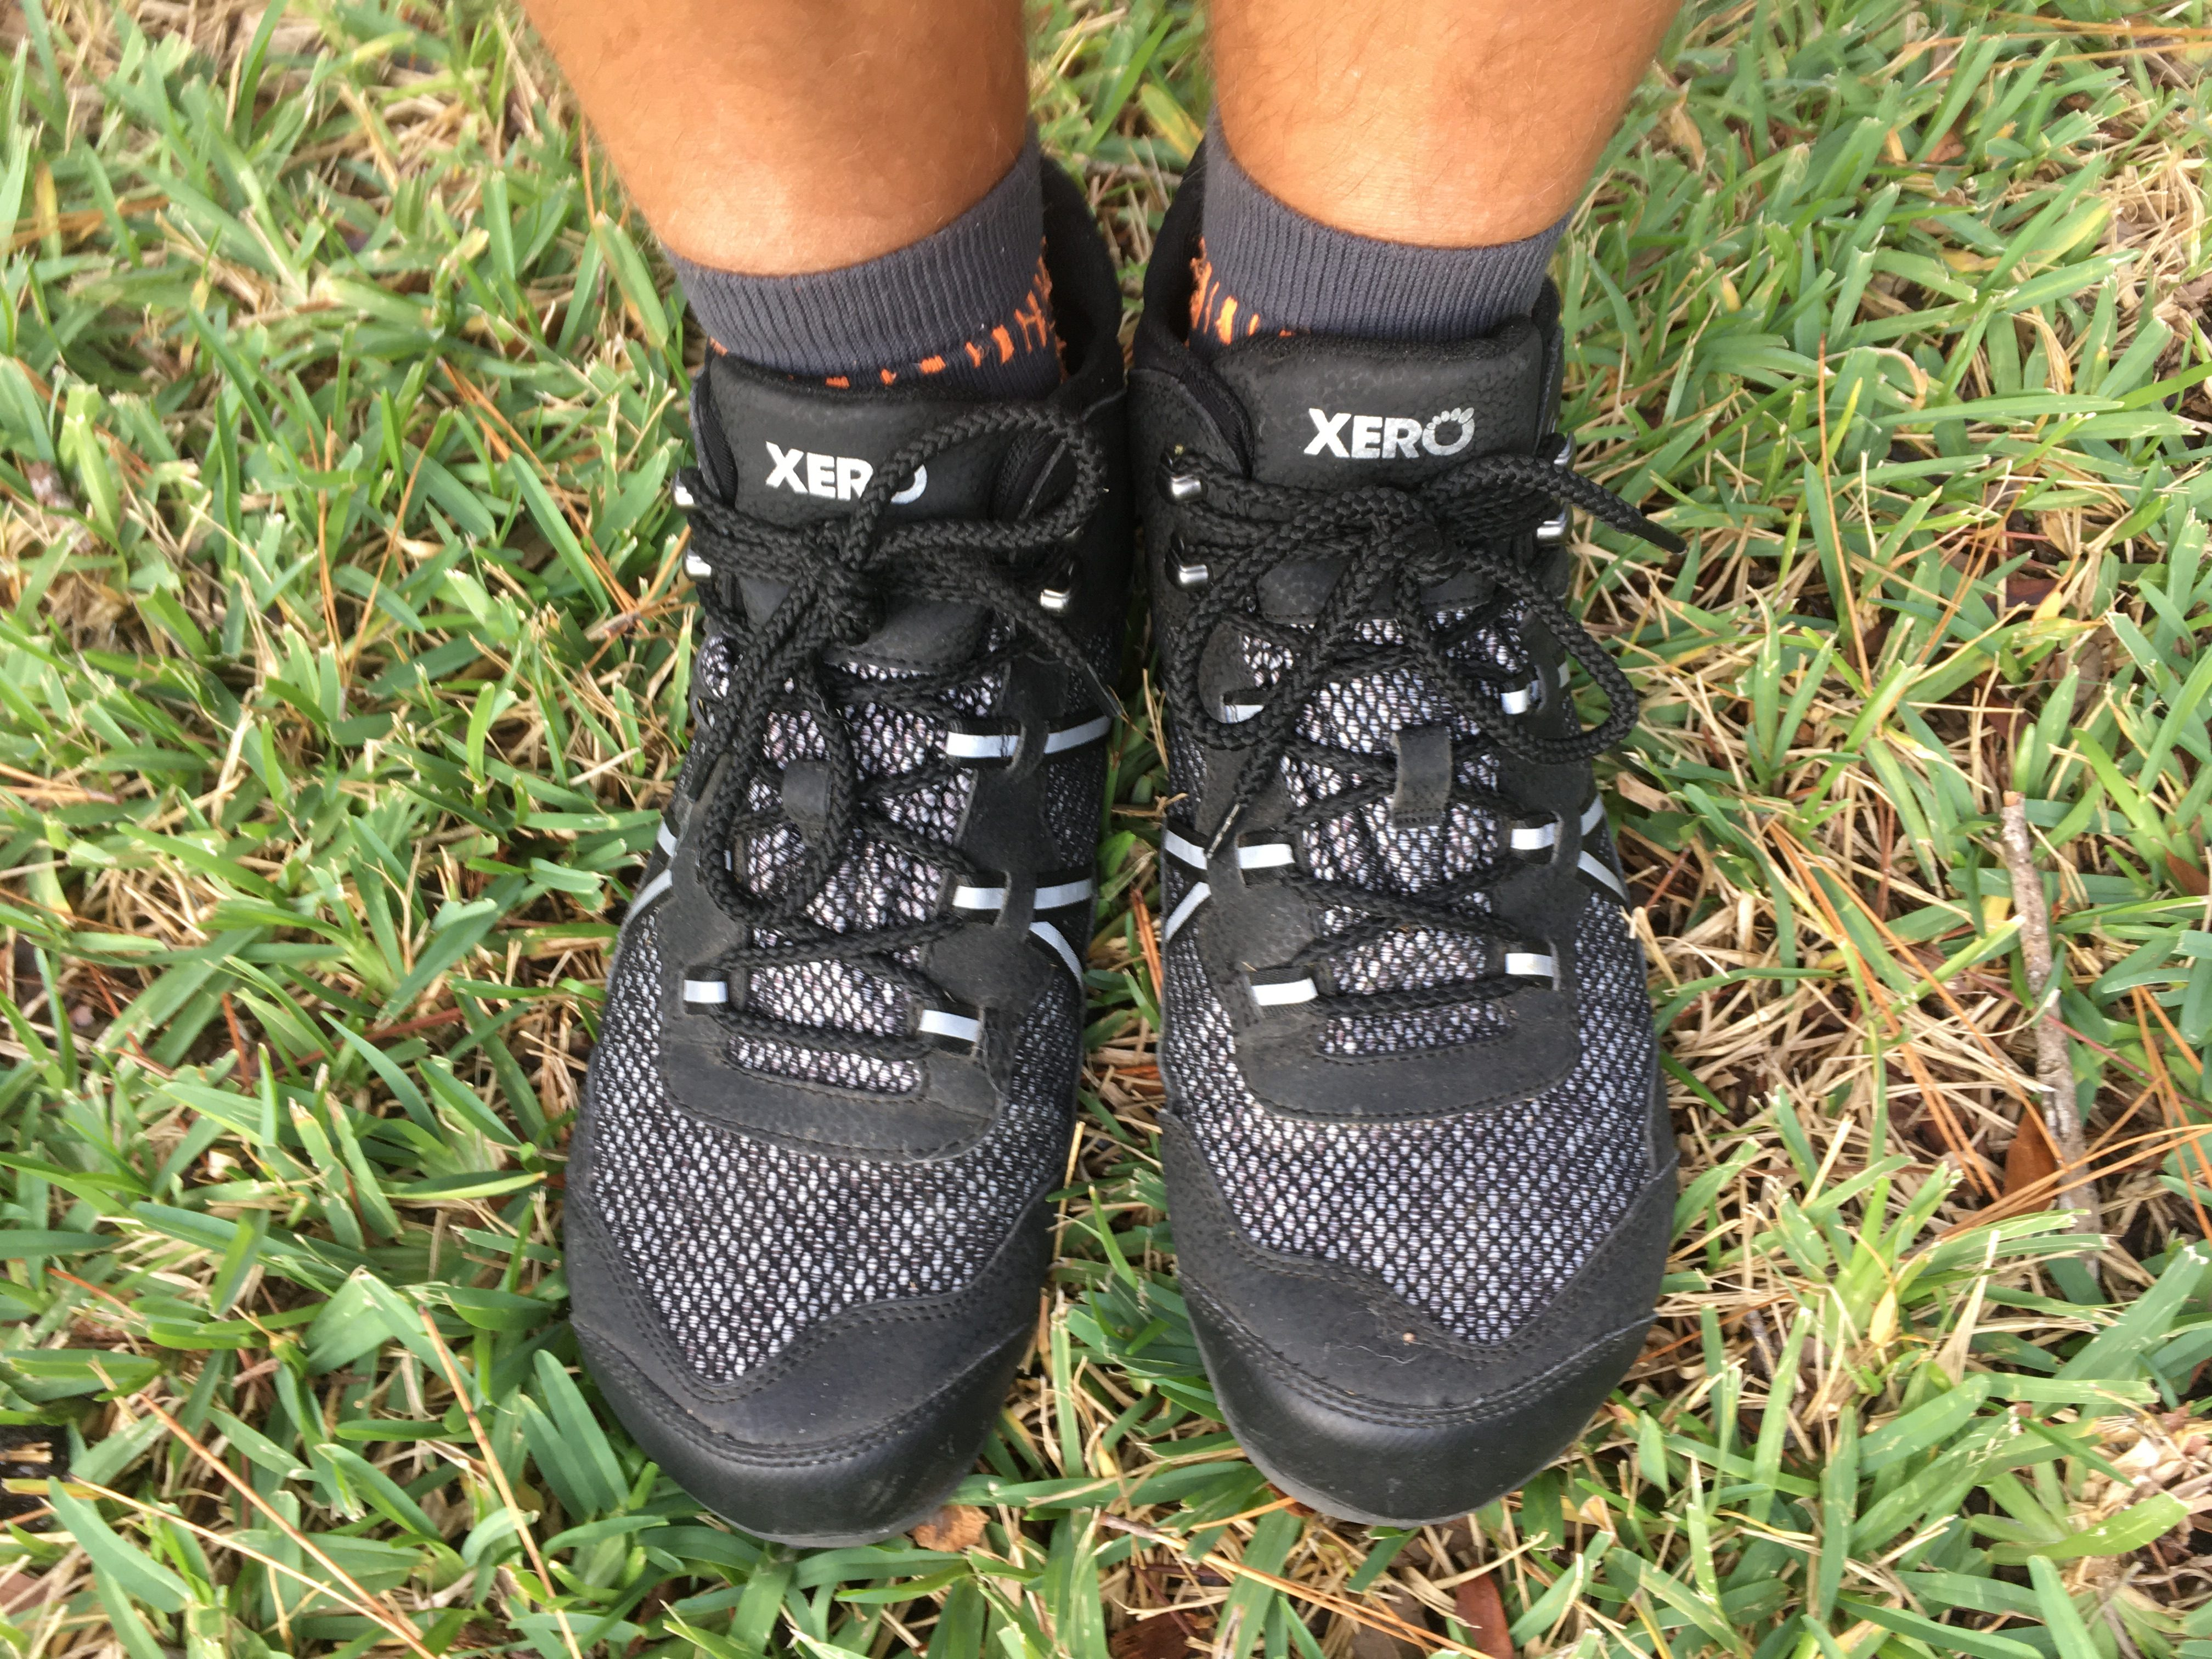 xero shoes xcursion